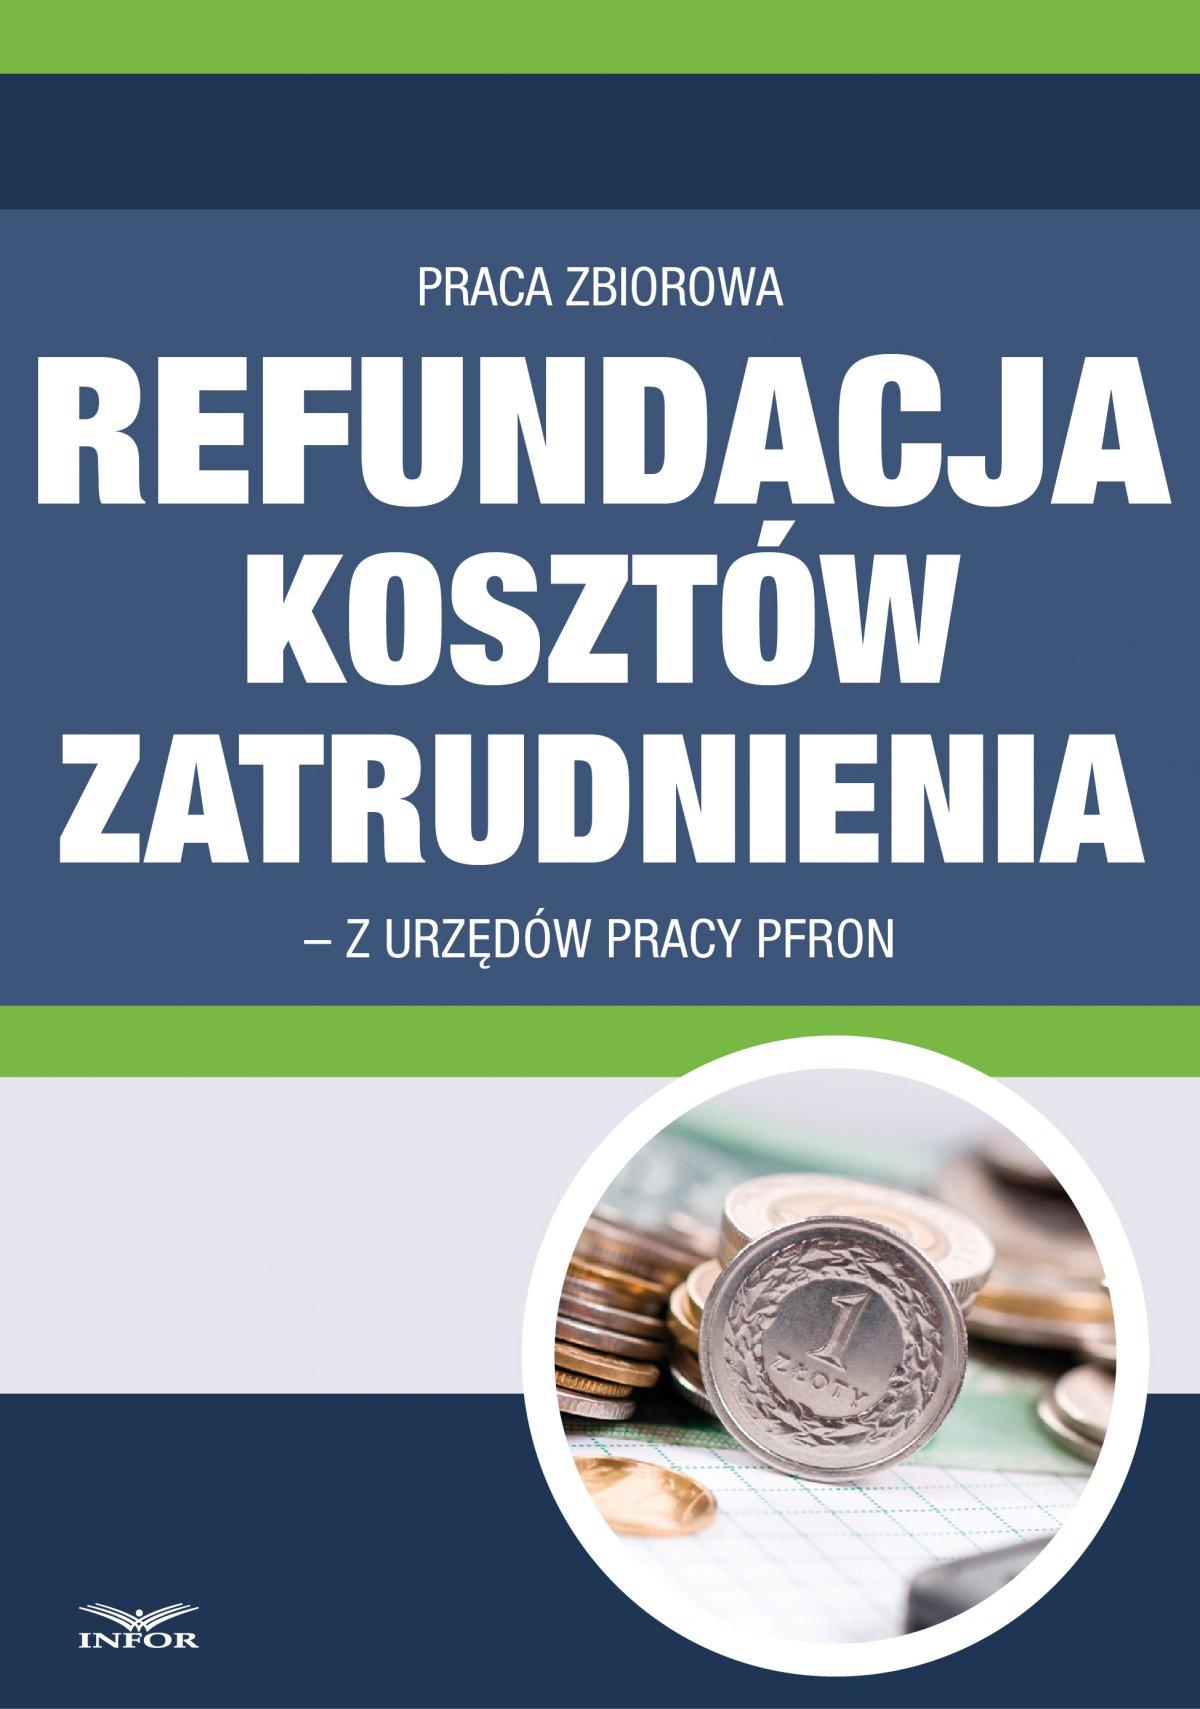 Refundacja kosztów zatrudnienia z urzędów pracy i PFRON po zmianie przepisów - Ebook (Książka PDF) do pobrania w formacie PDF